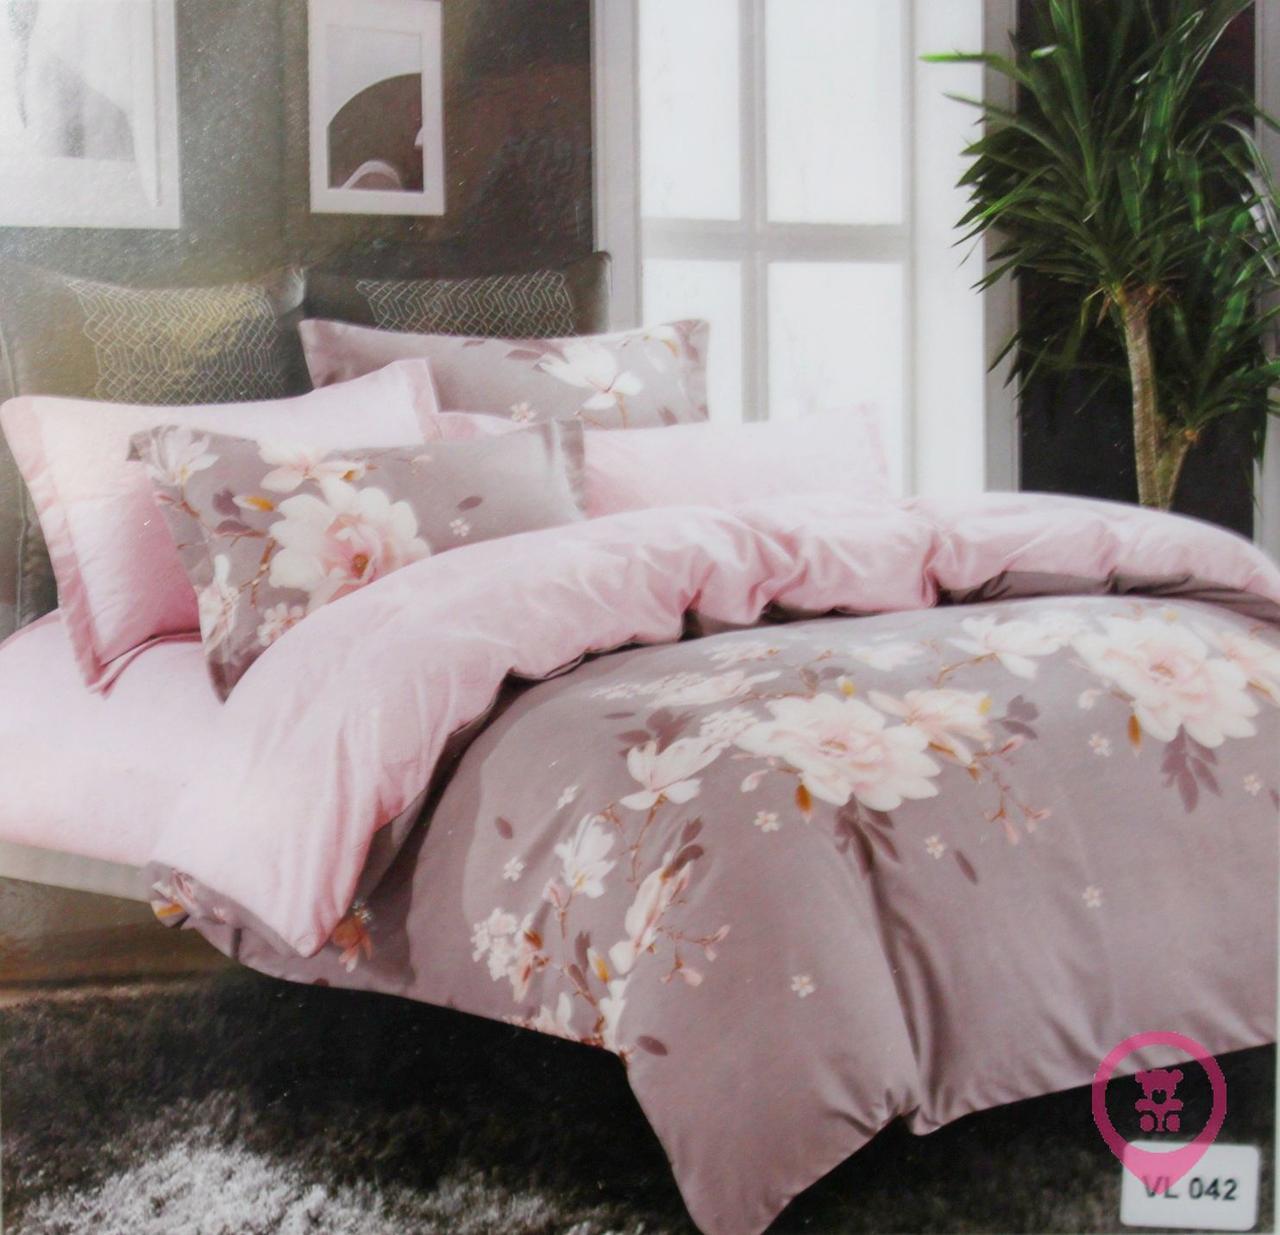 Комплект постельного белья микровелюр Vie Nouvelle Velour 200х220  VL042